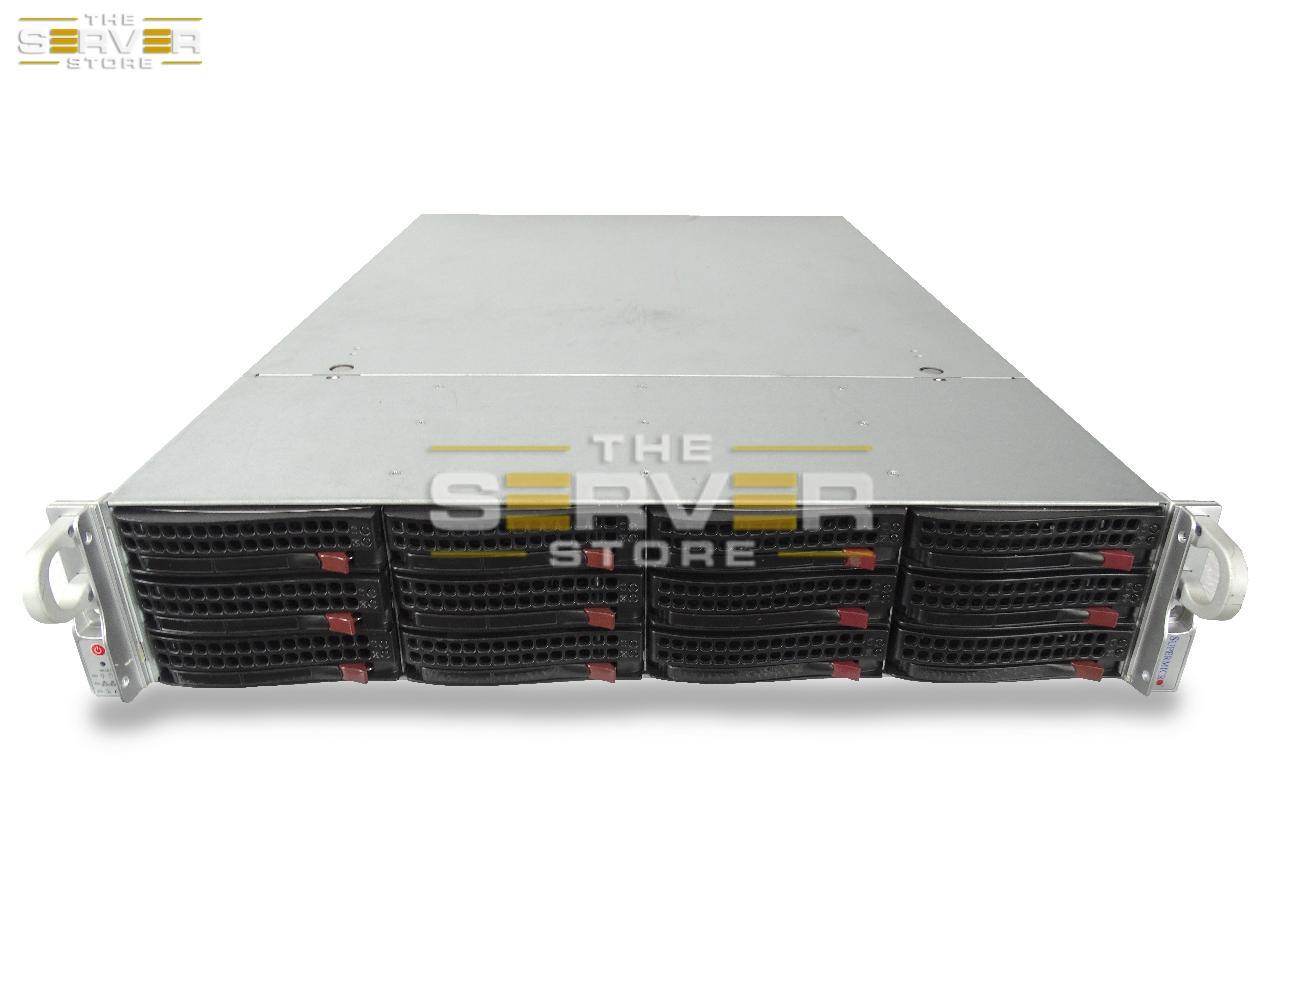 SuperMicro SuperStorage 6027R-E1R12N 12x 2U LFF Server